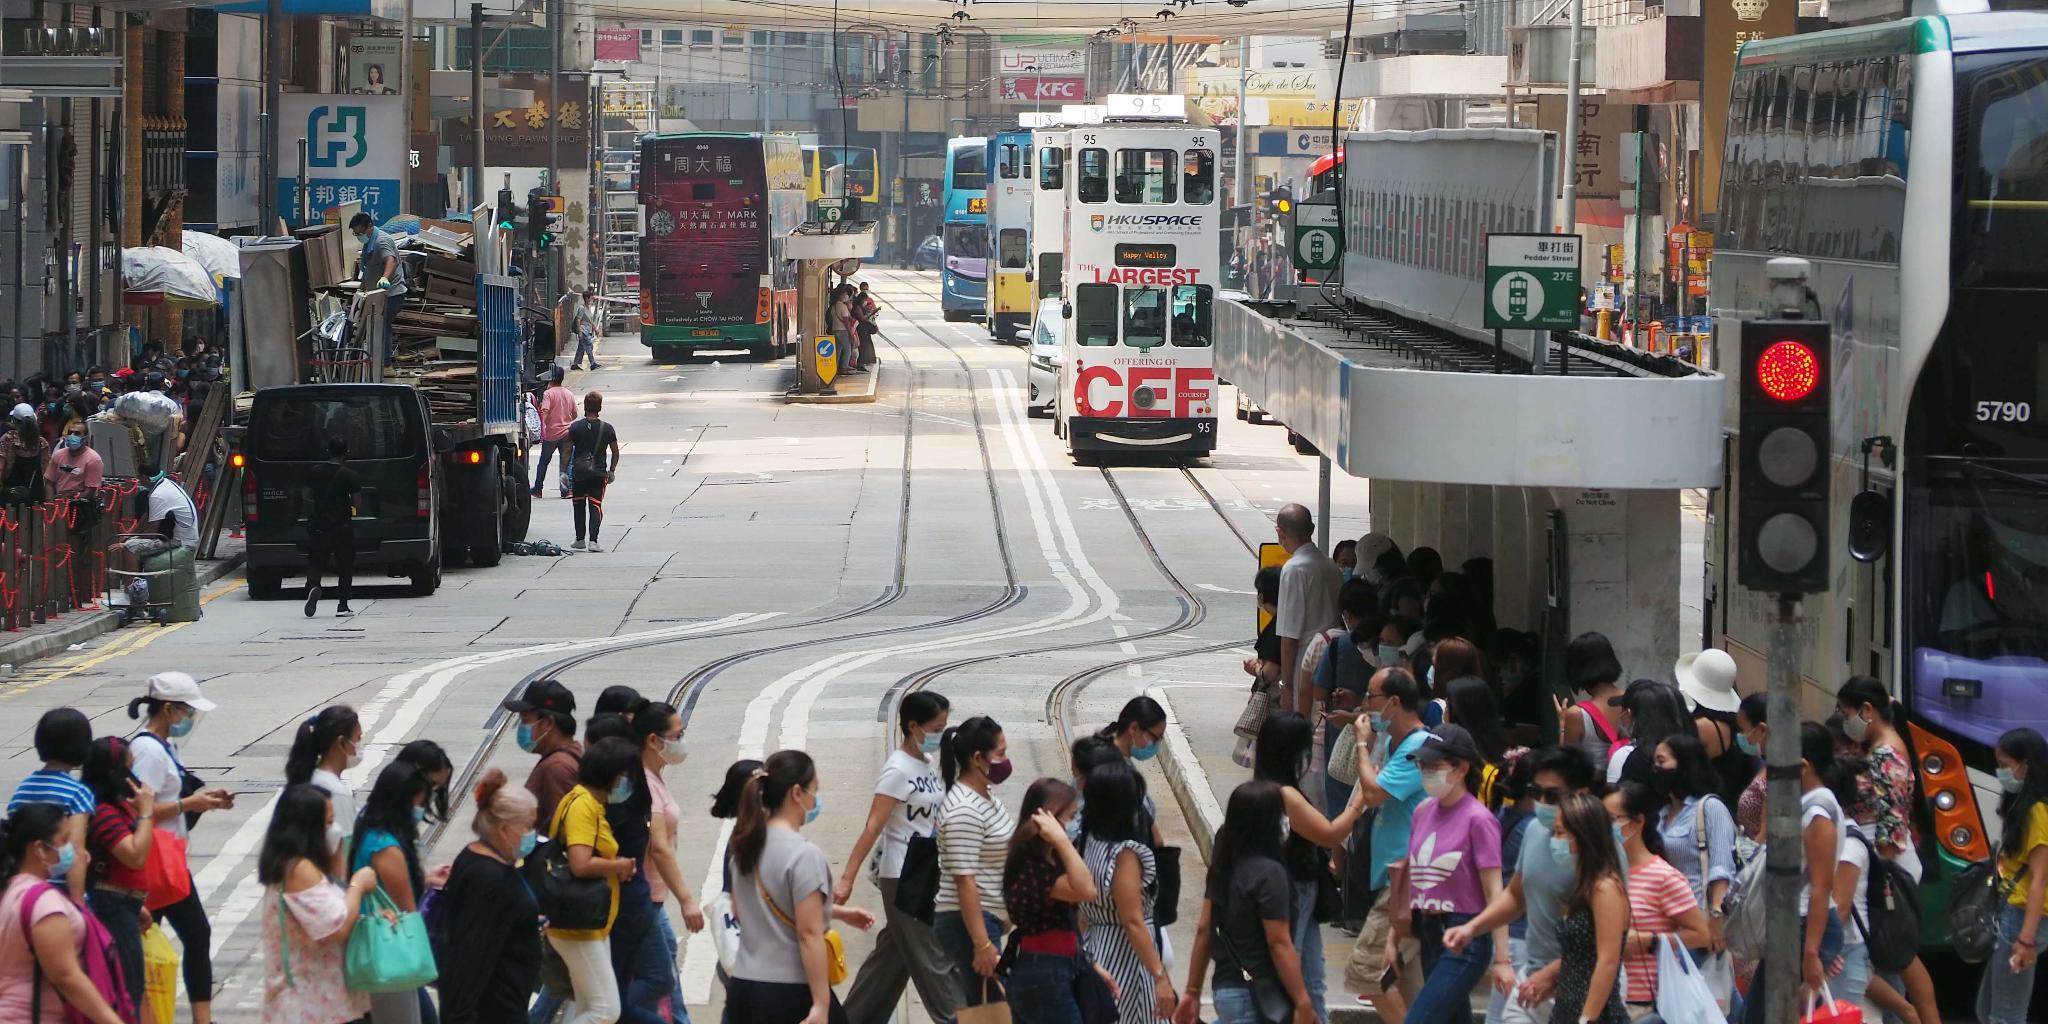 消息: 本港今日新增2宗確診 連續6日個位數